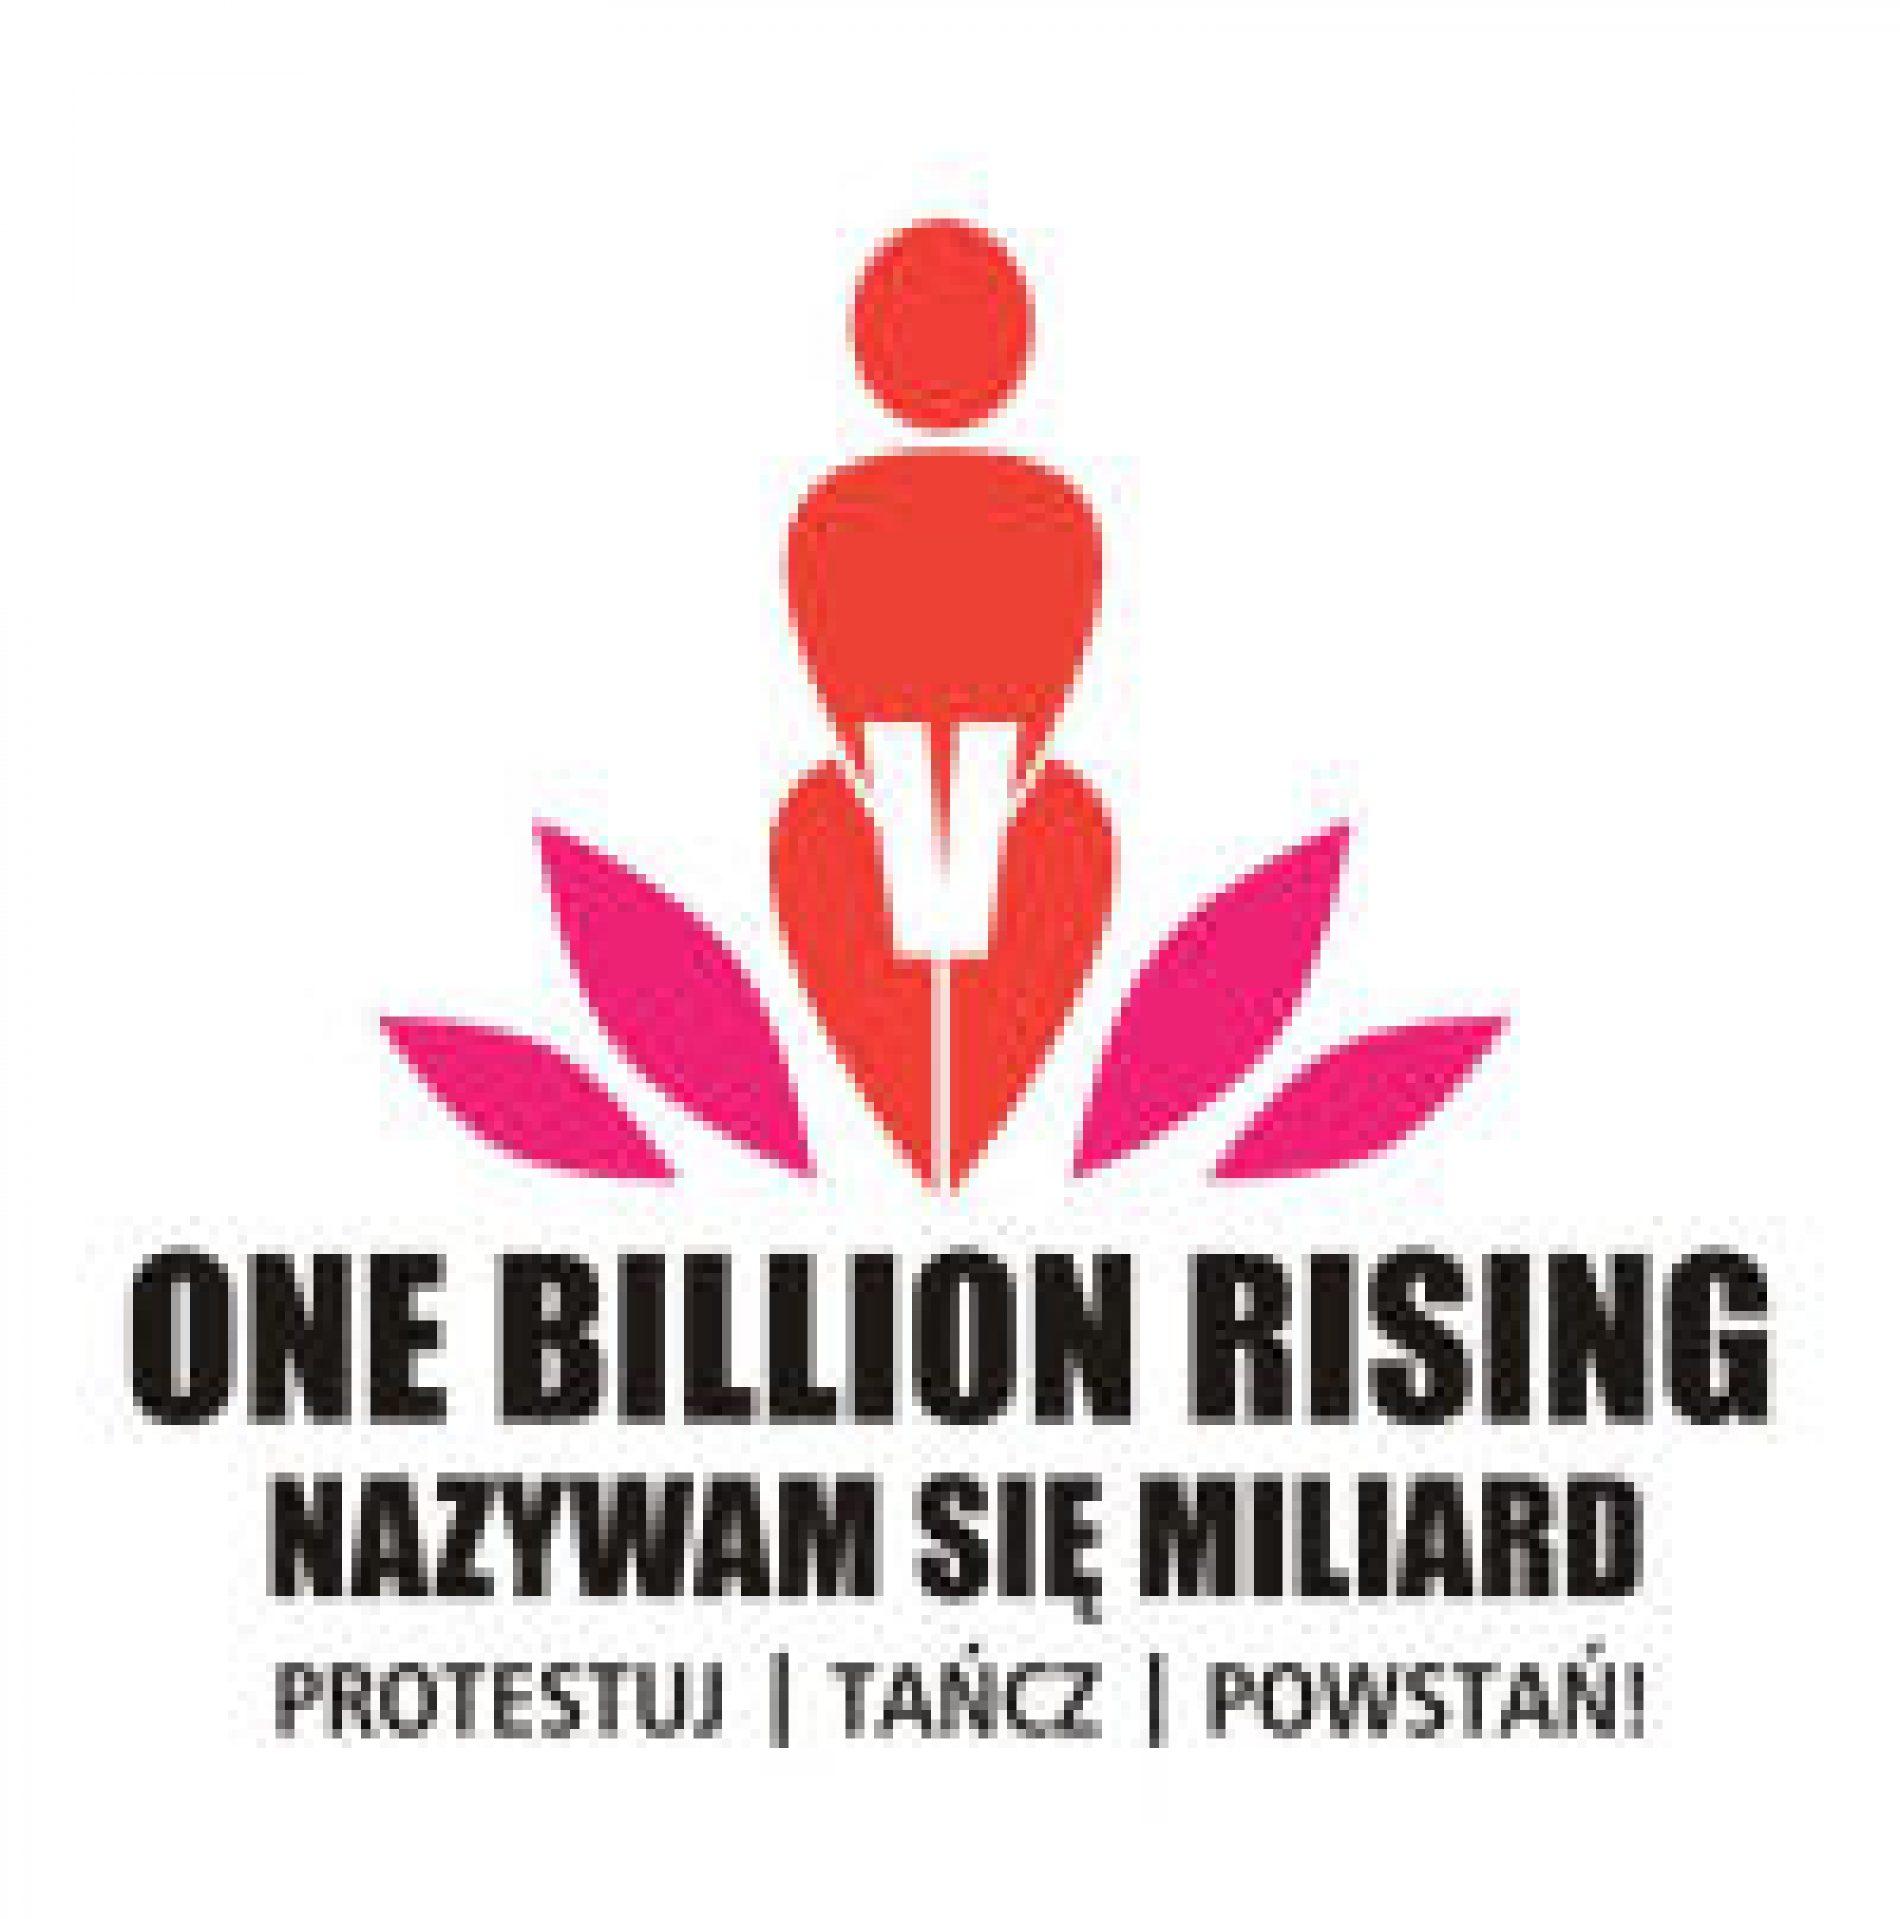 Zatańcz przeciwko przemocy